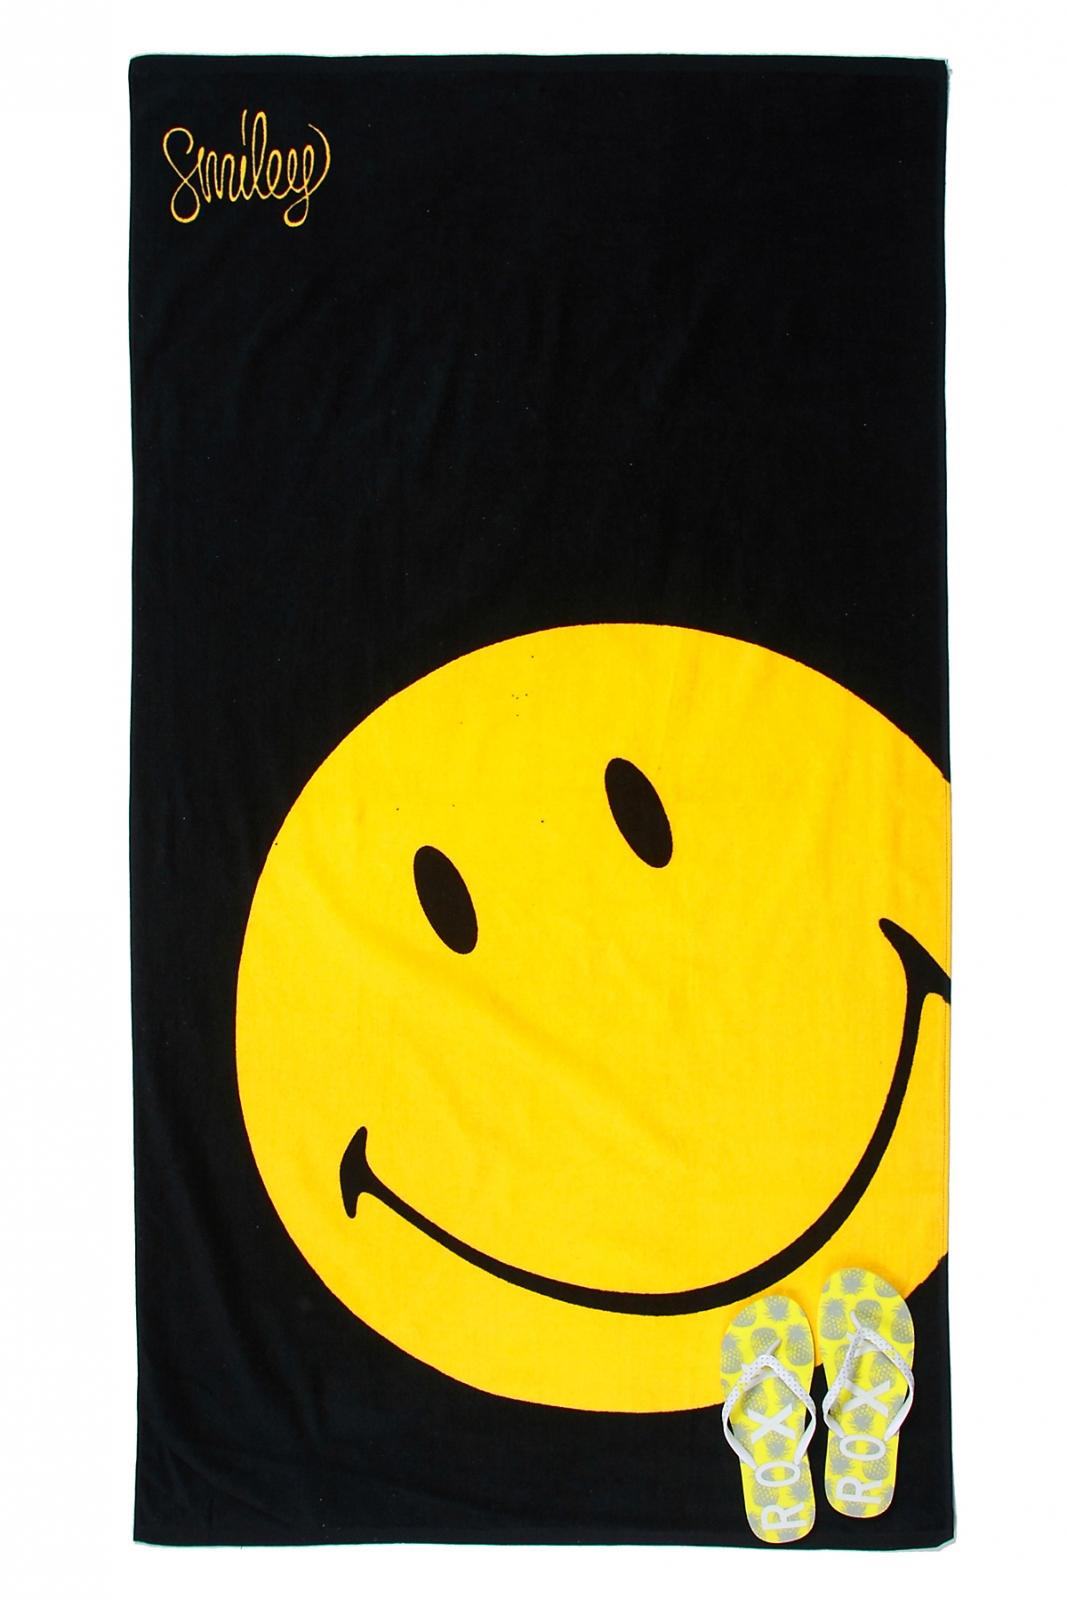 Полотенце со смайлом - интересное пляжное полотенце